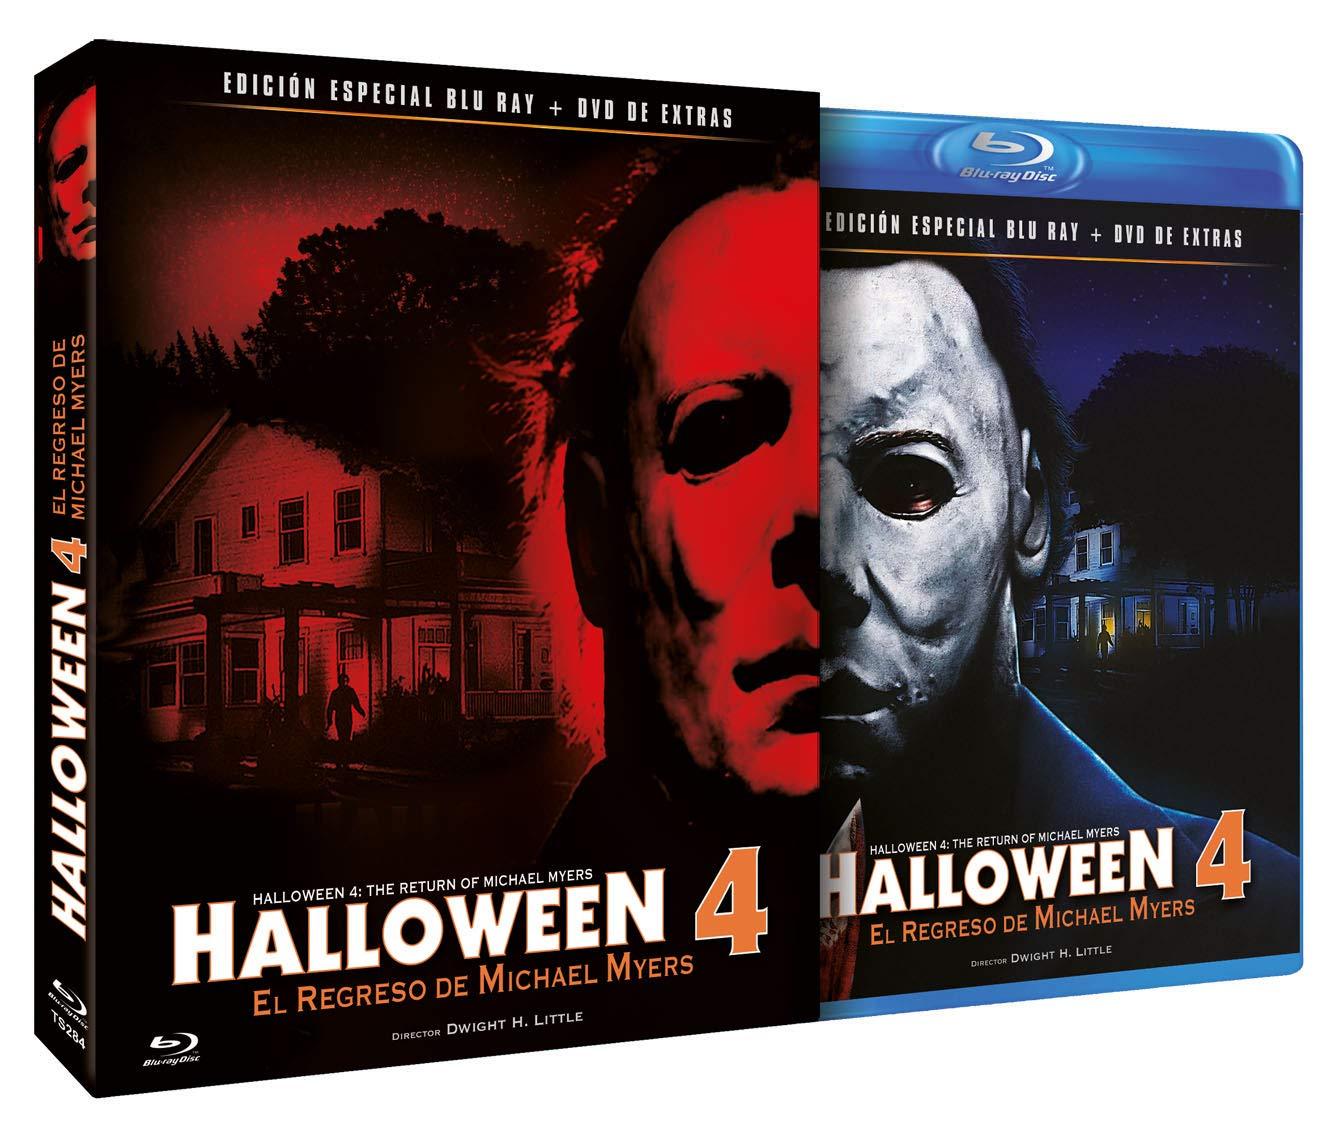 Halloween 4 - El Regreso de Michael Myers BD + DVD de Extras 1988 Halloween  4  The Return of Michael Myers  Amazon.it  Danielle Harris 66e7df299b1a